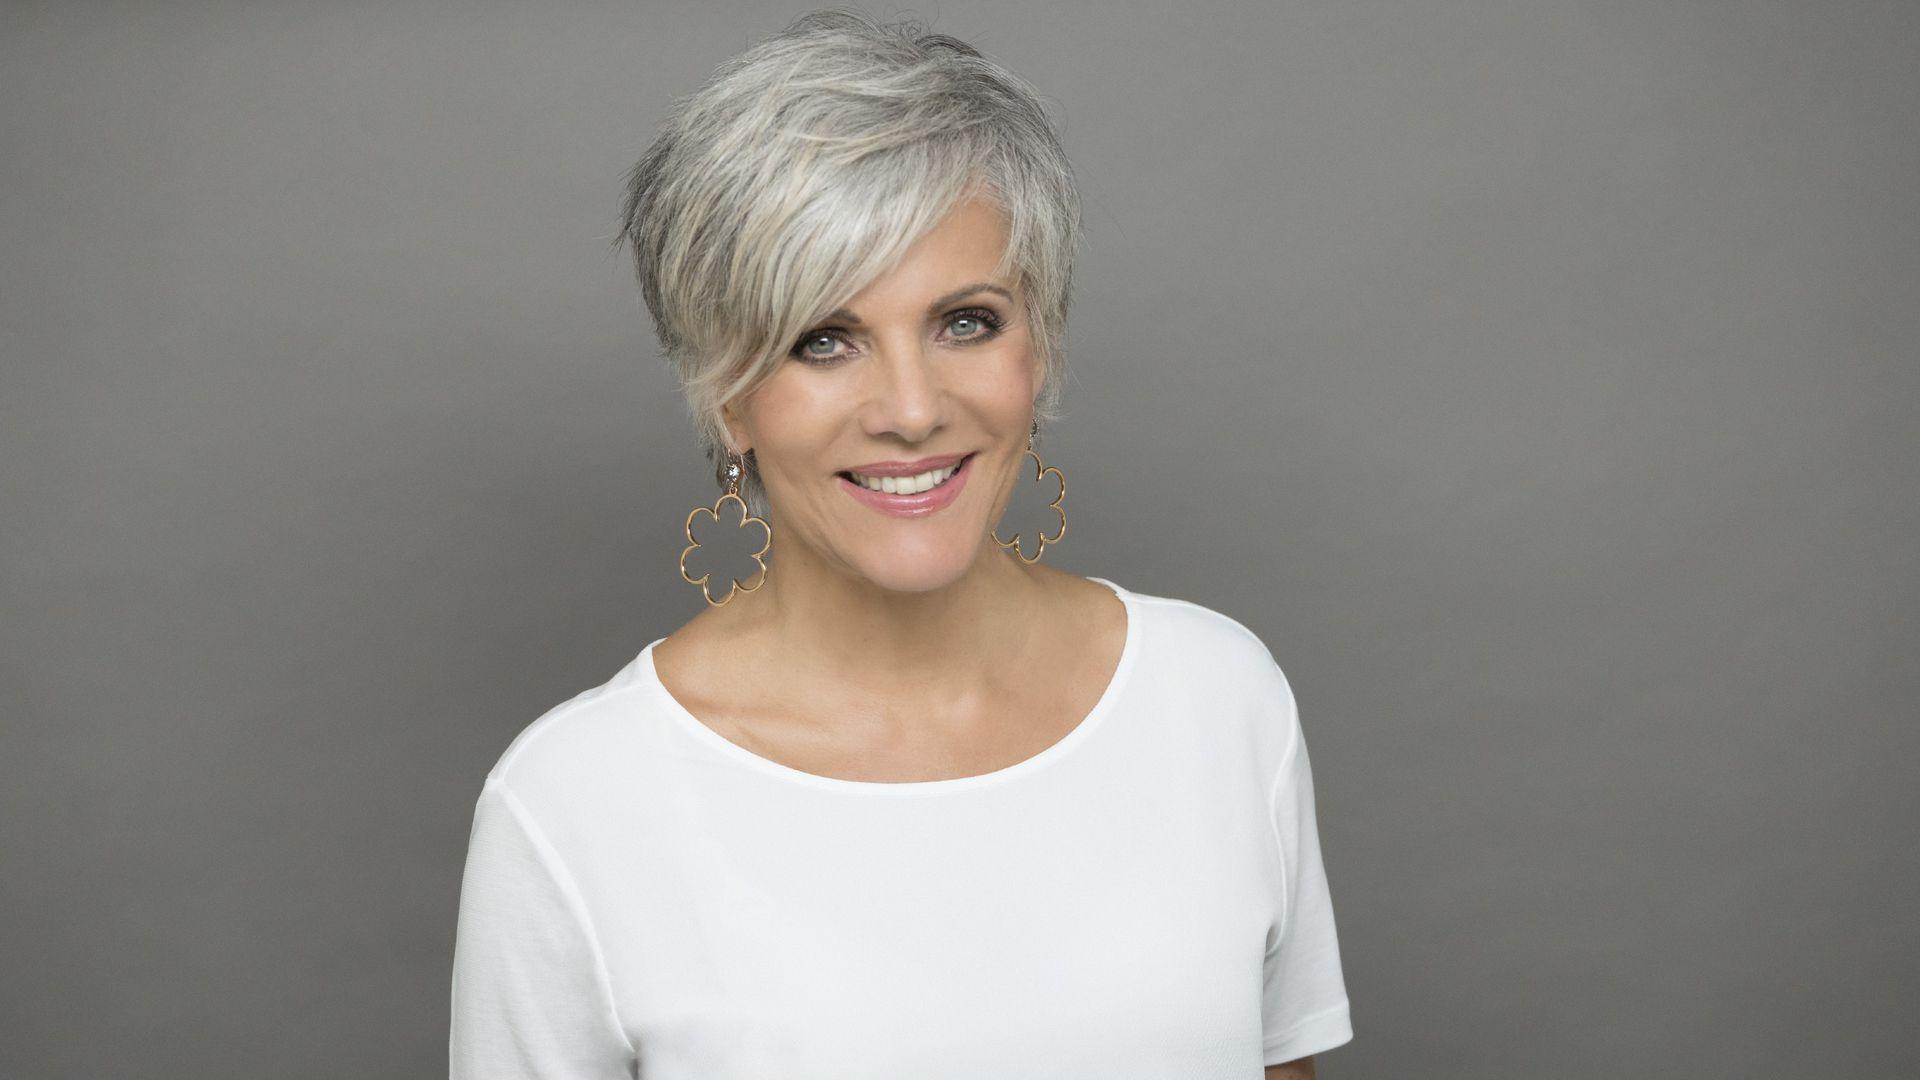 Birgit Schrowange über Ihren ersten Tag mit grauen Haaren